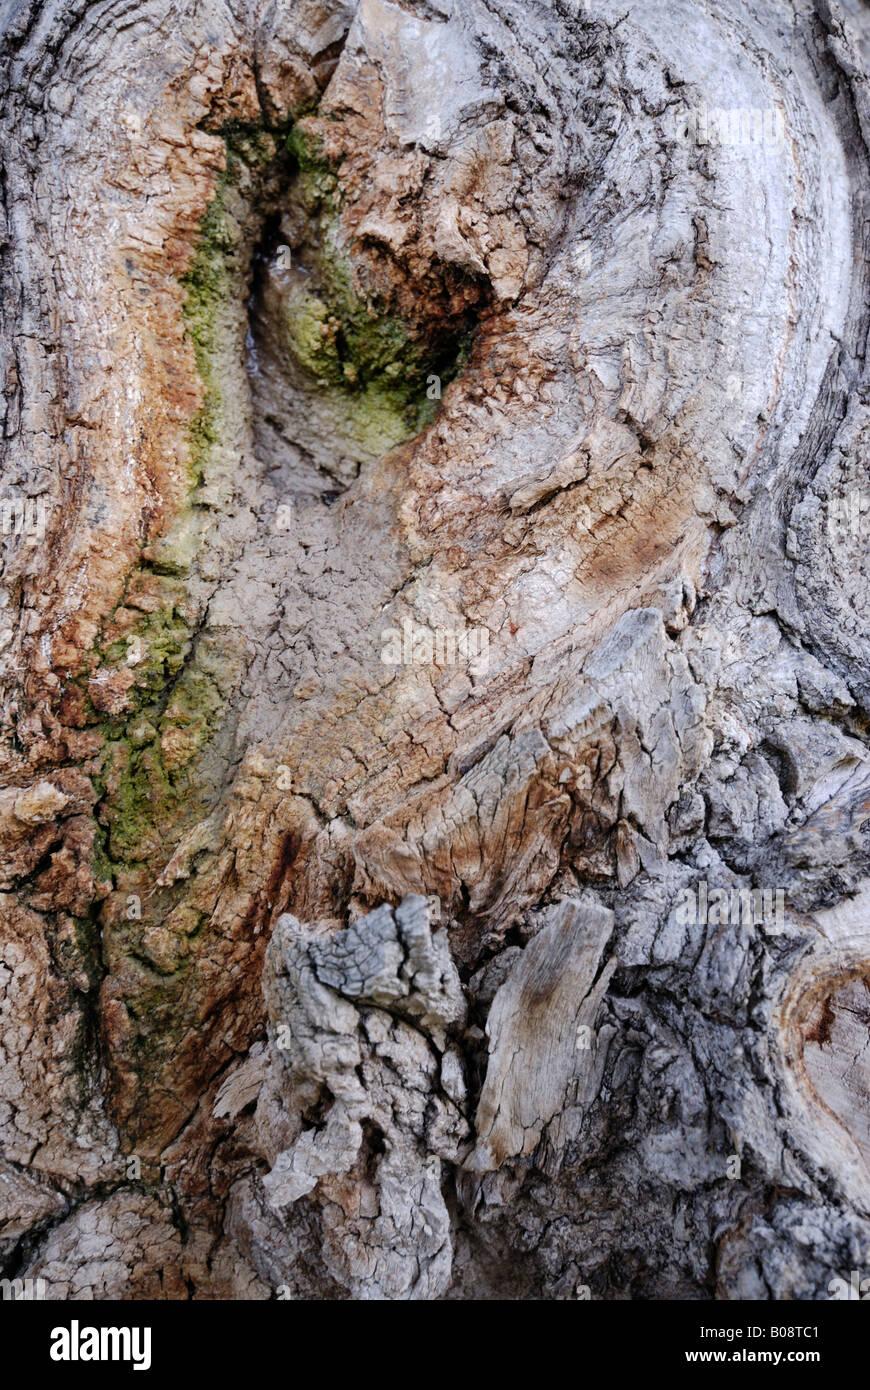 Rinde, wächst über eine Verzweigung, die abgesägt worden ist Stockbild